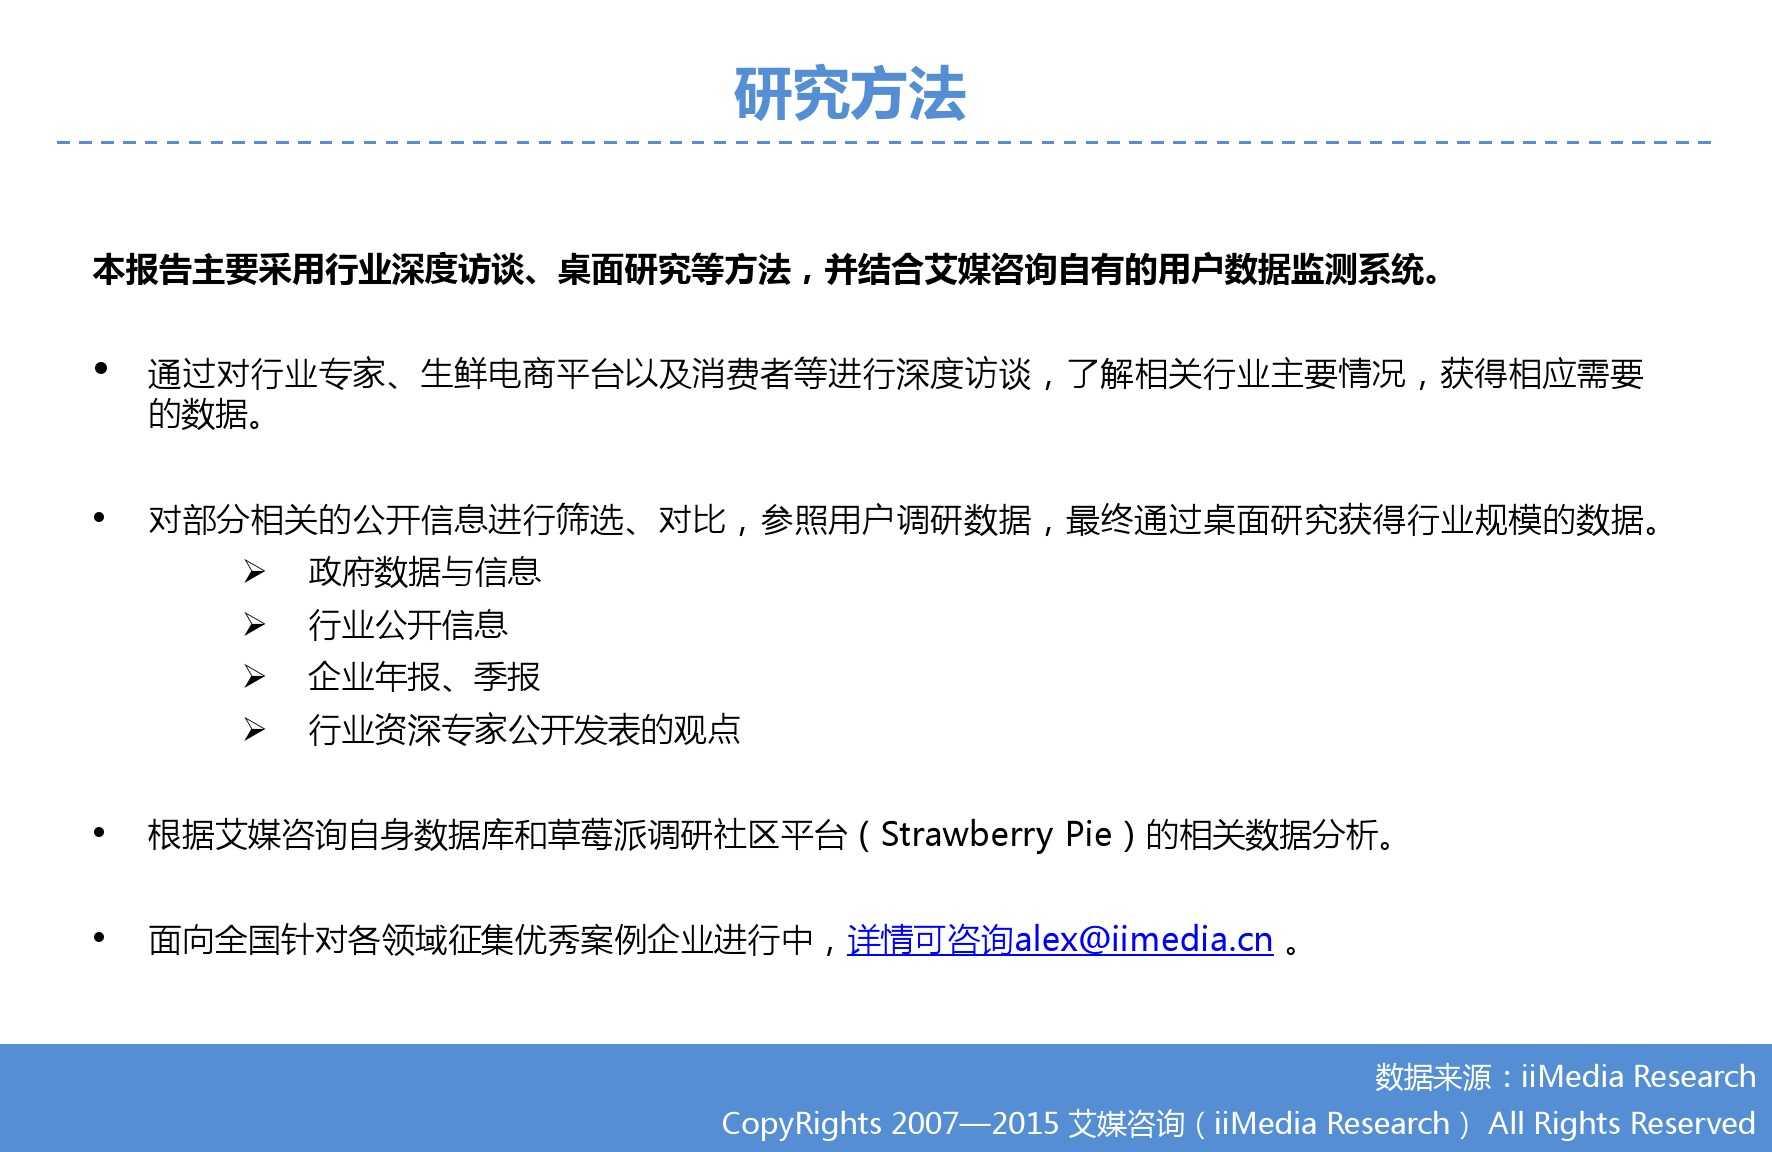 艾媒咨询:2015年中国生鲜电商市场研究报告_000002